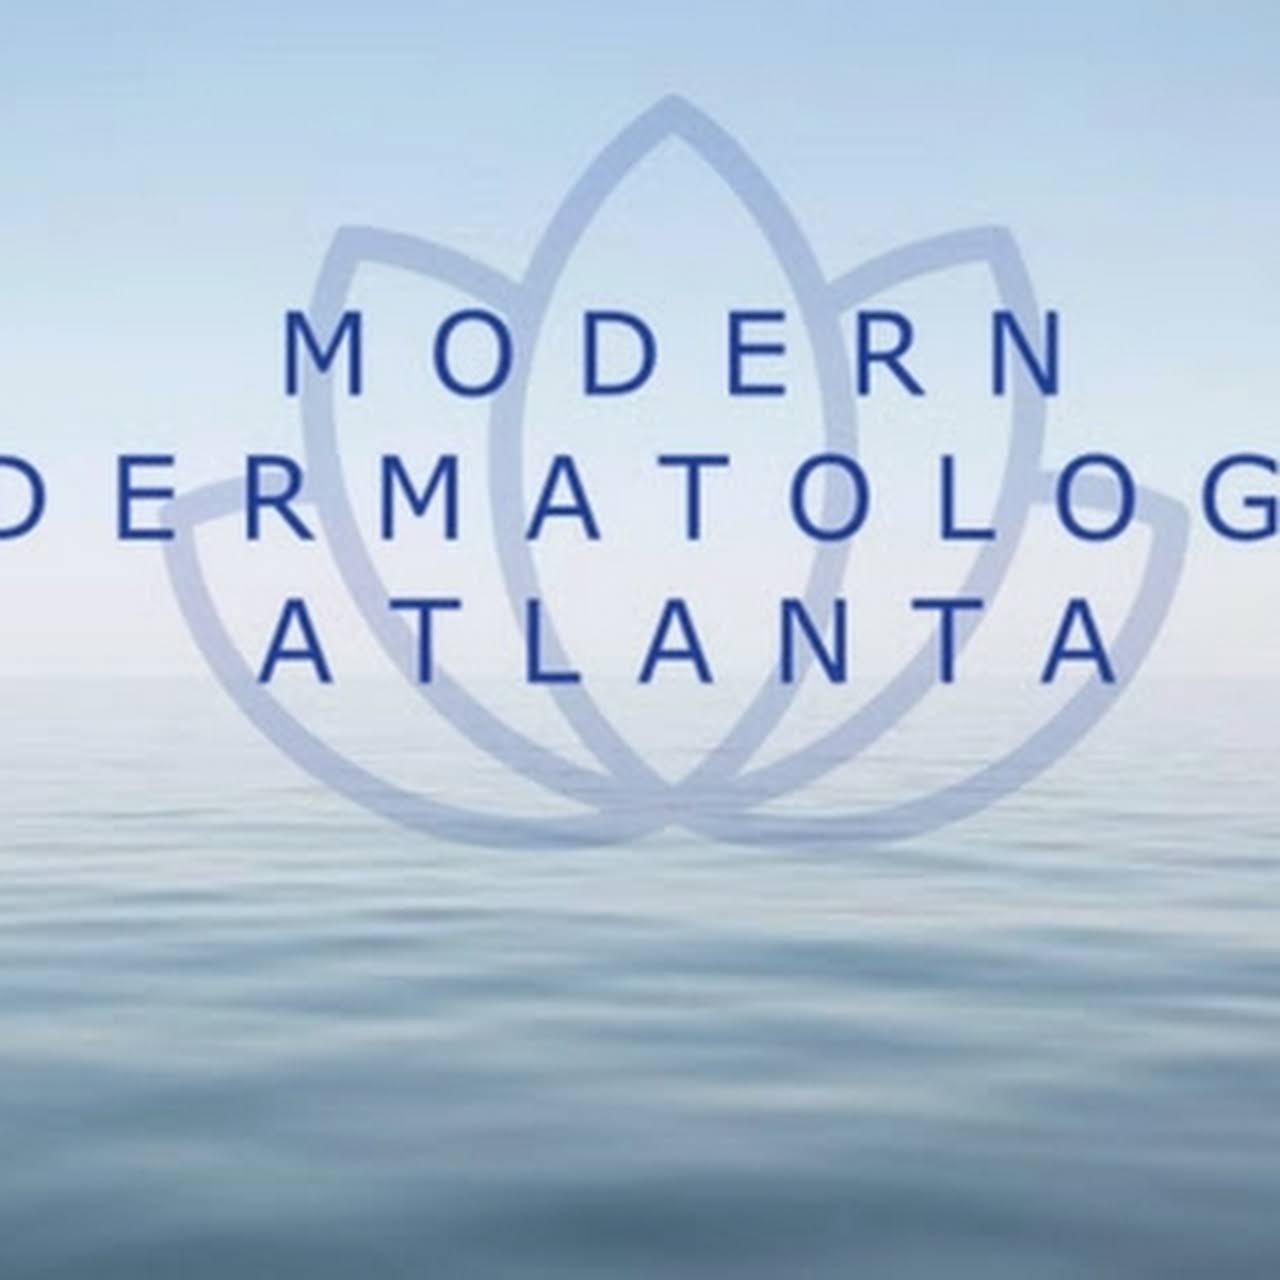 Modern Dermatology Atlanta LLC - Dermatologist in Woodstock